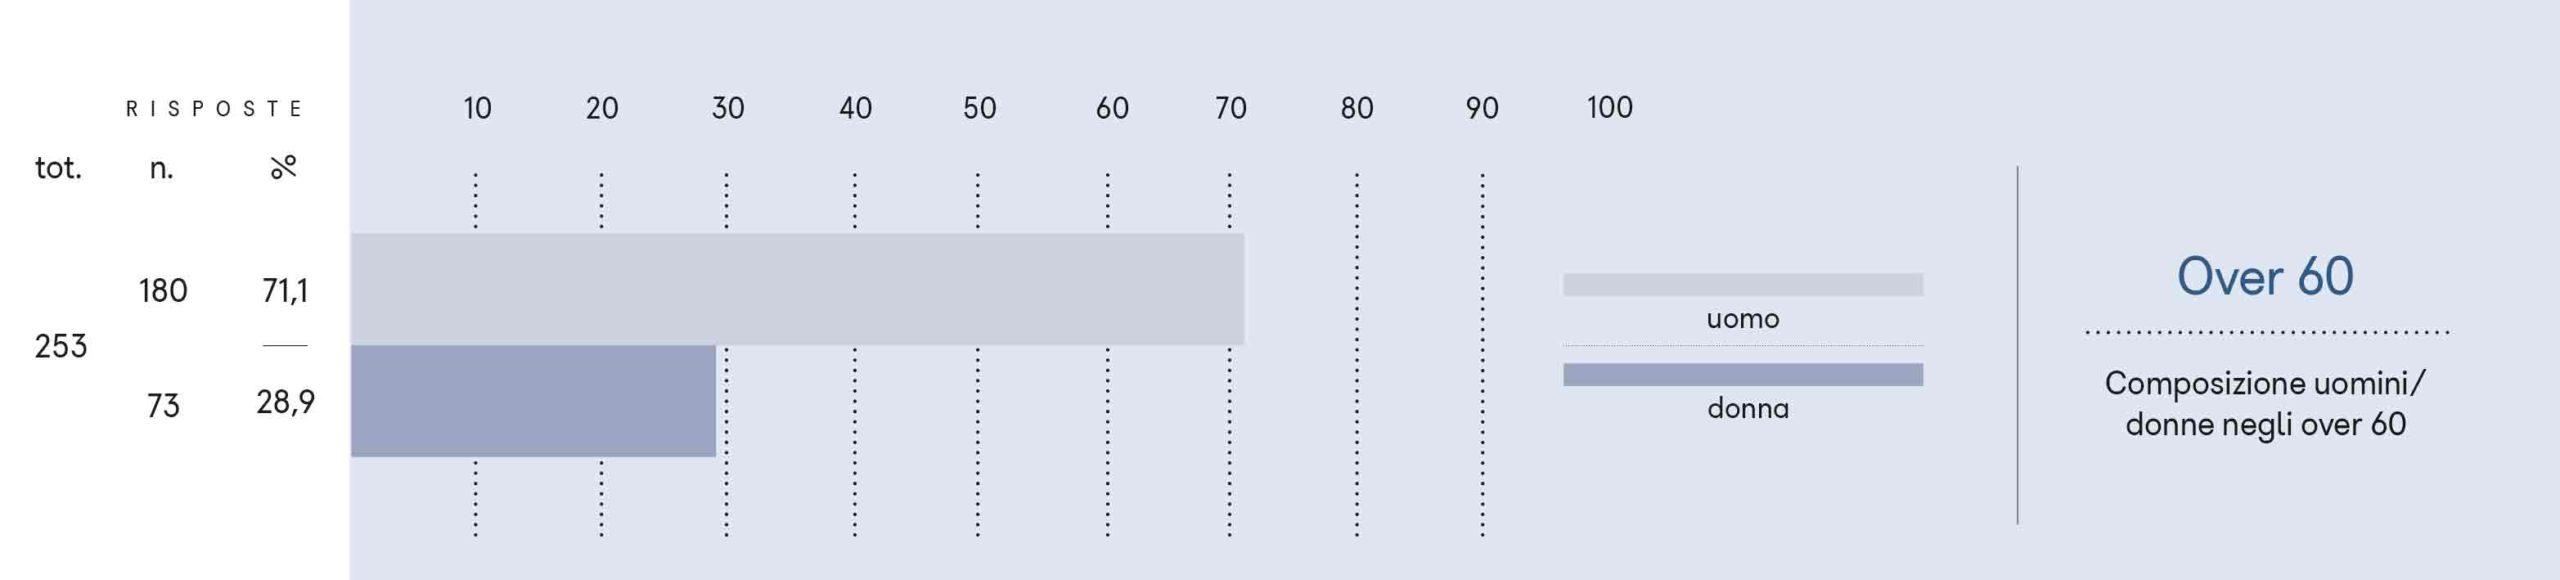 Composizione uomini/donne negli over 60.